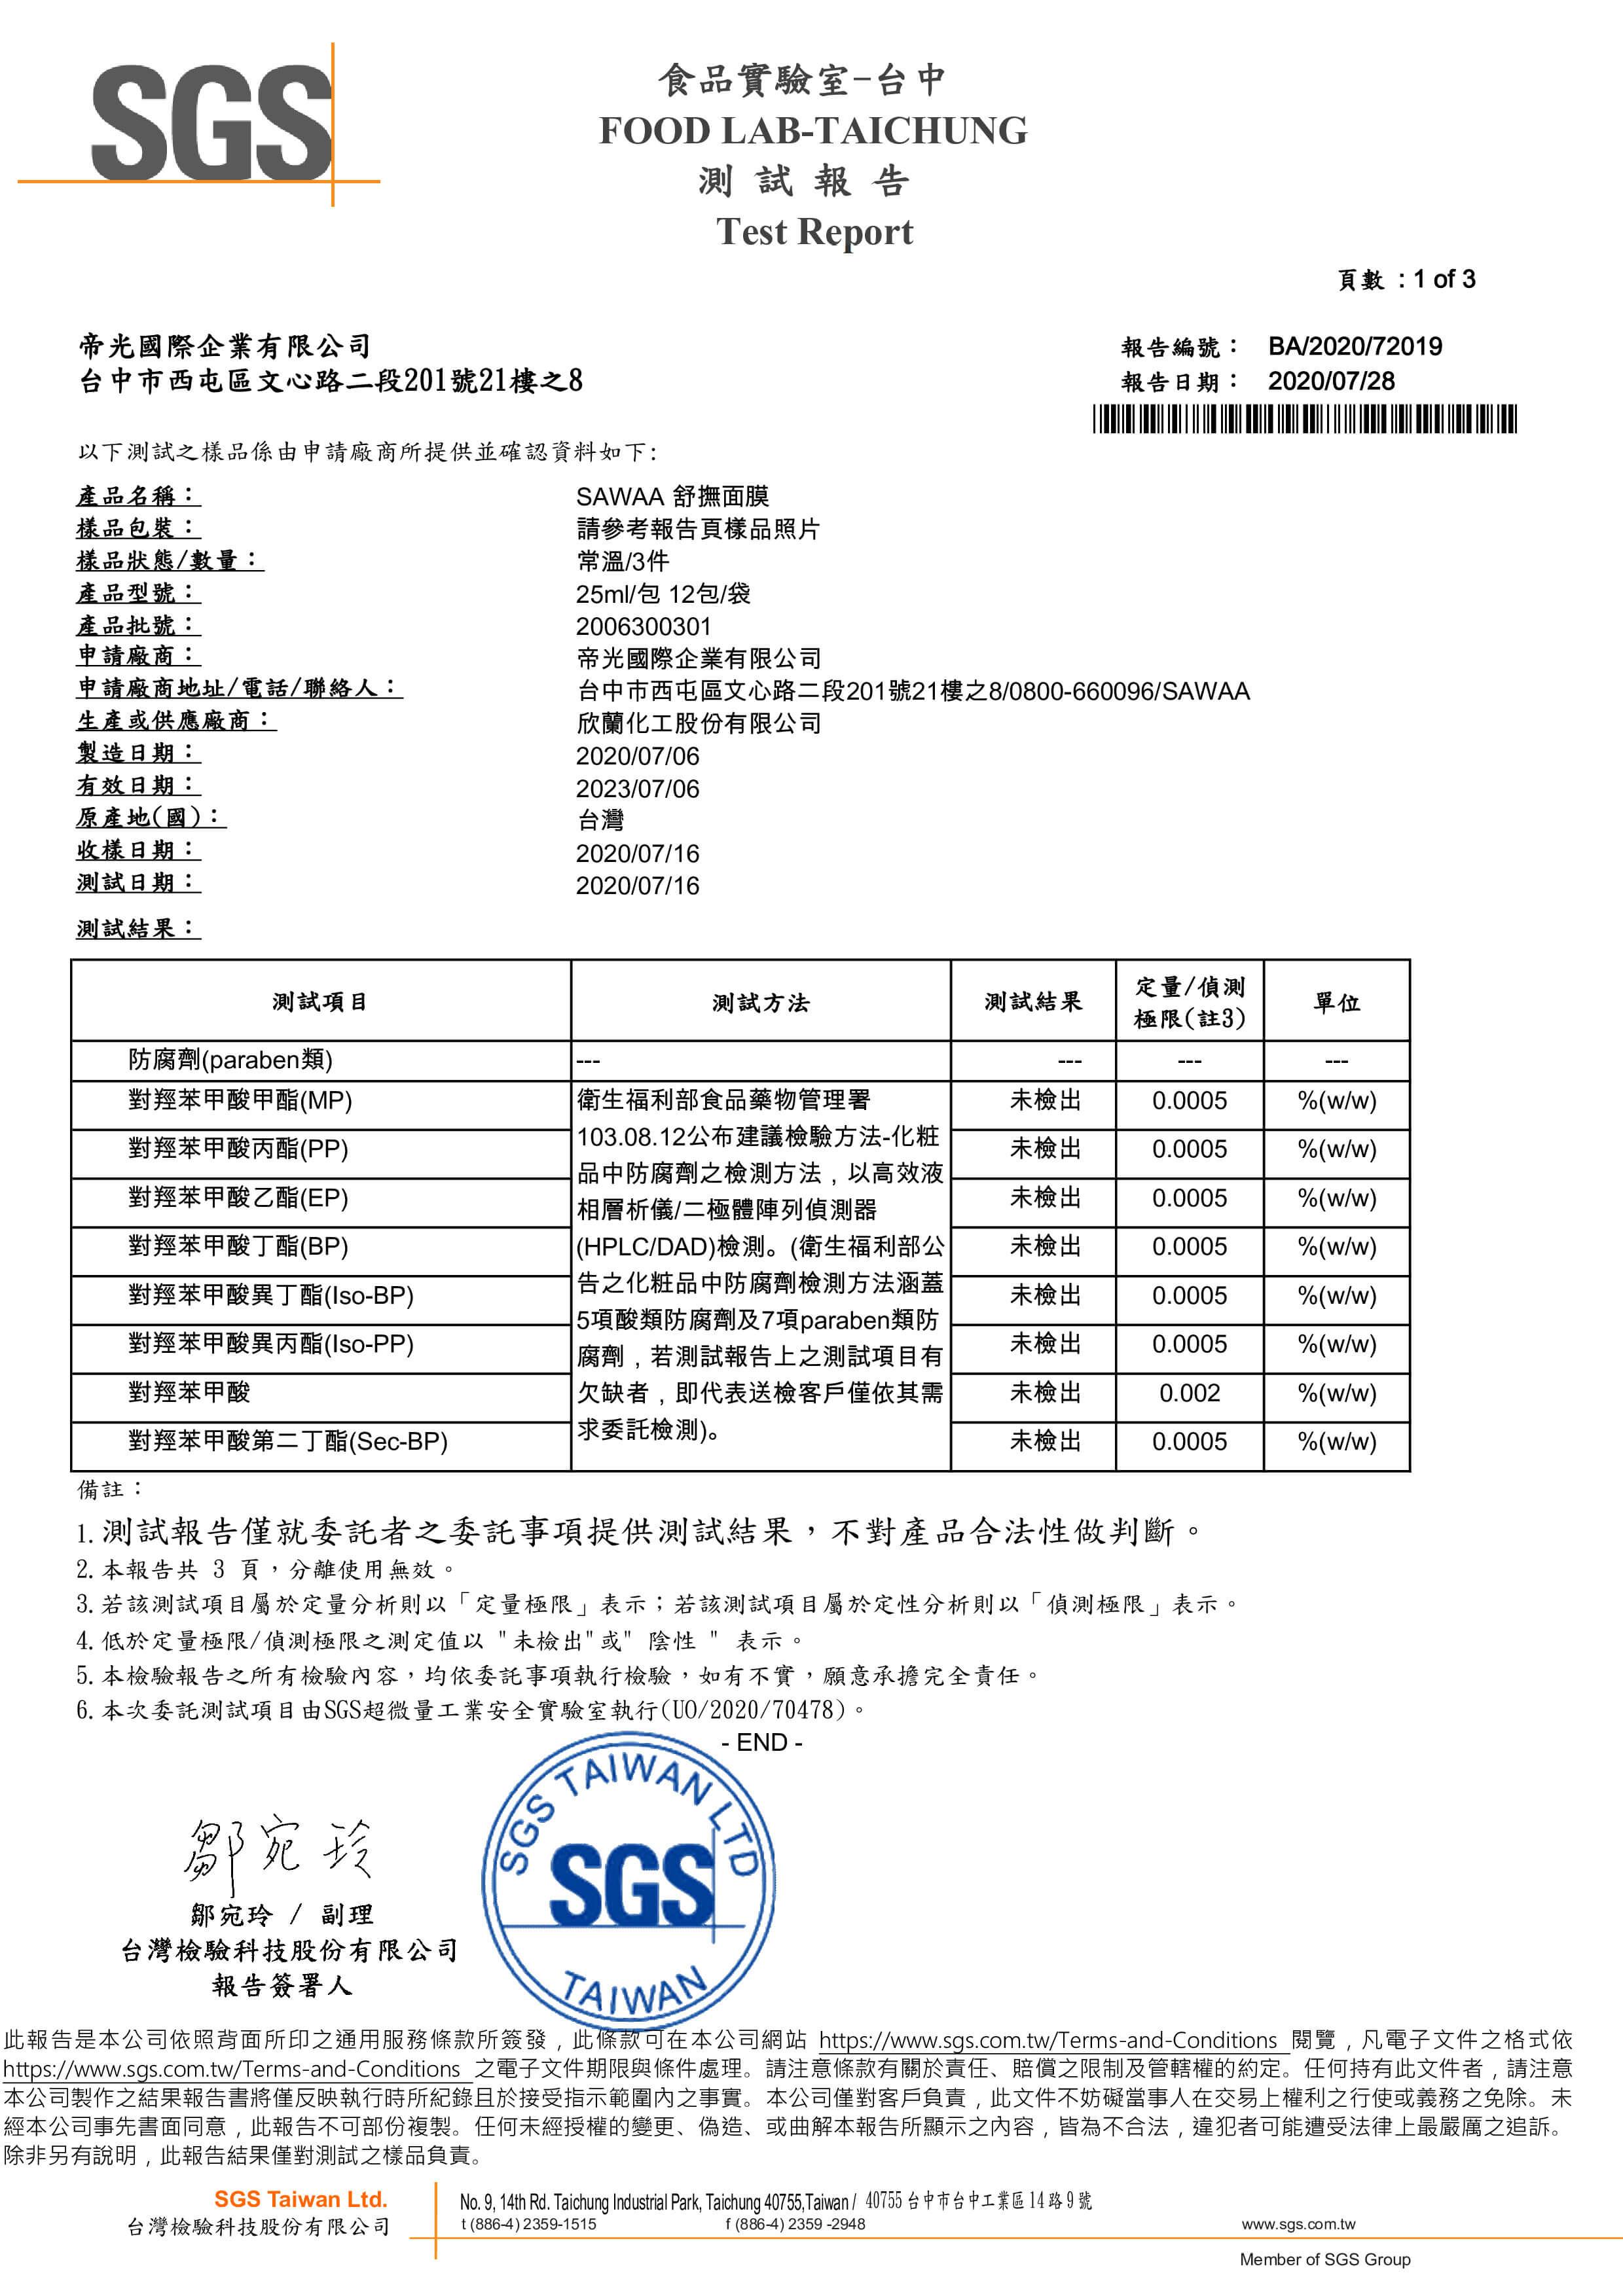 SGS檢驗報告 No.3 p1-3